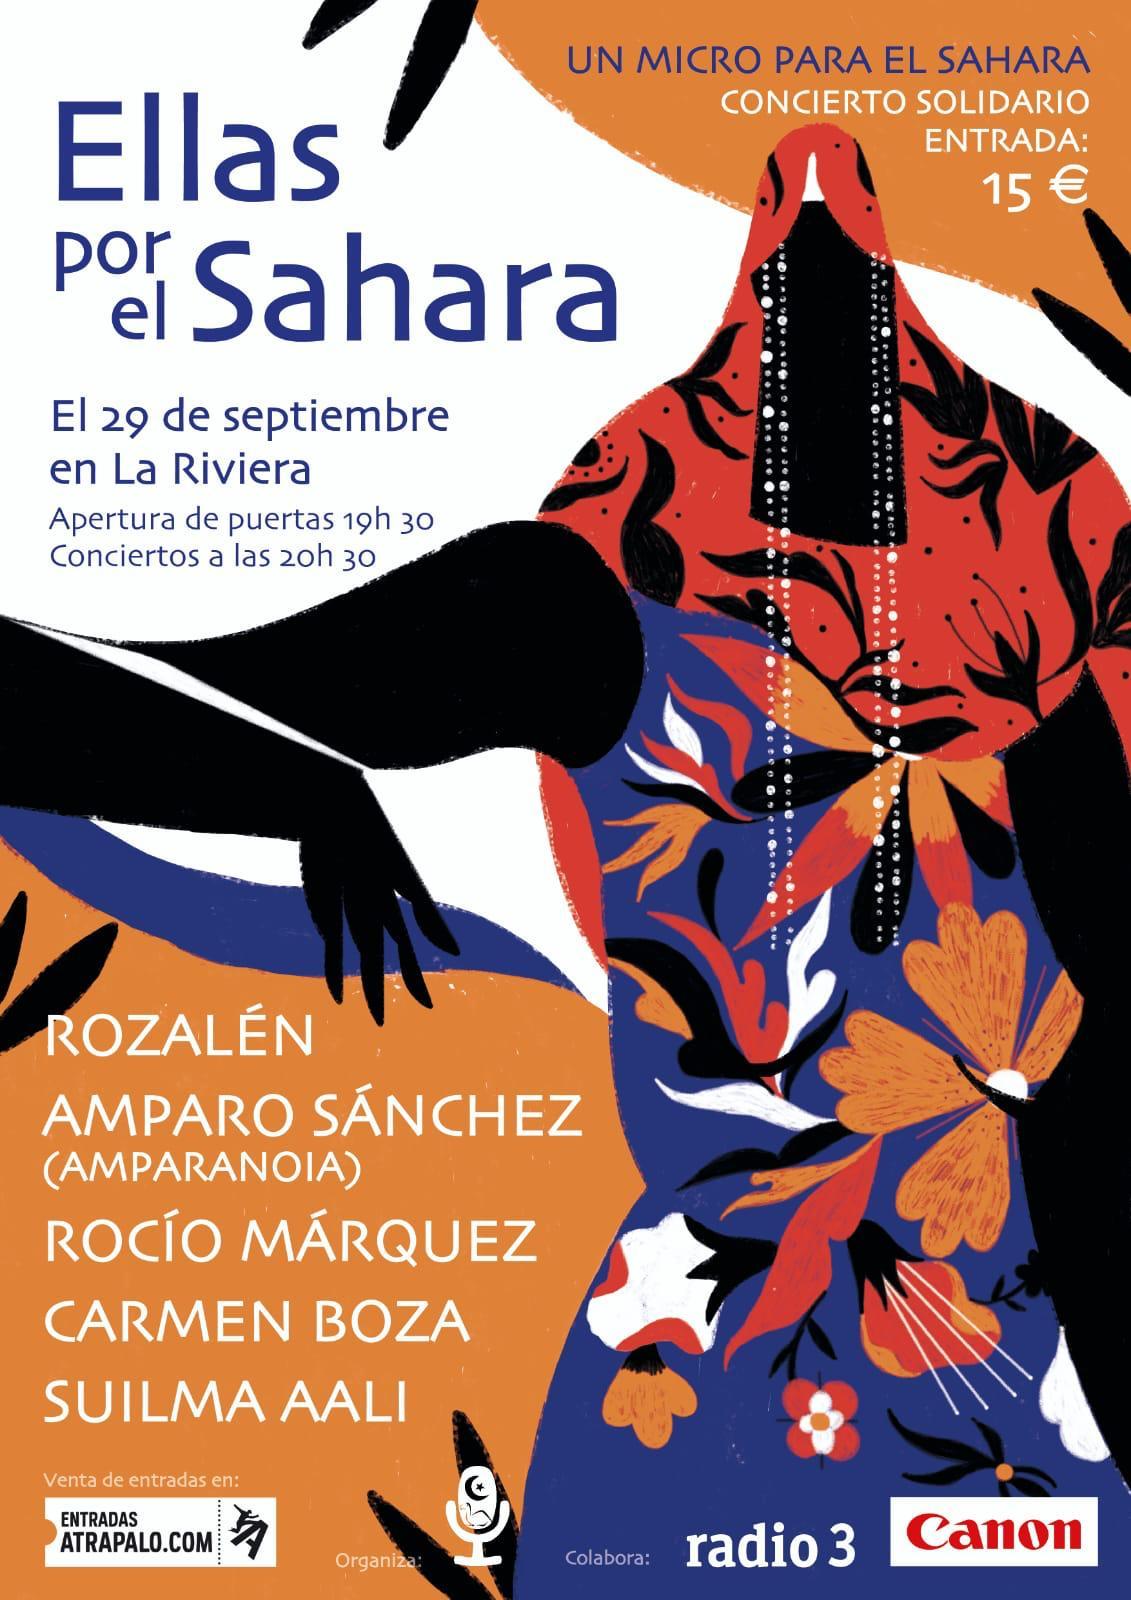 La Actualidad Saharaui (final de jornada): 19 de septiembre de 2019 🇪🇭